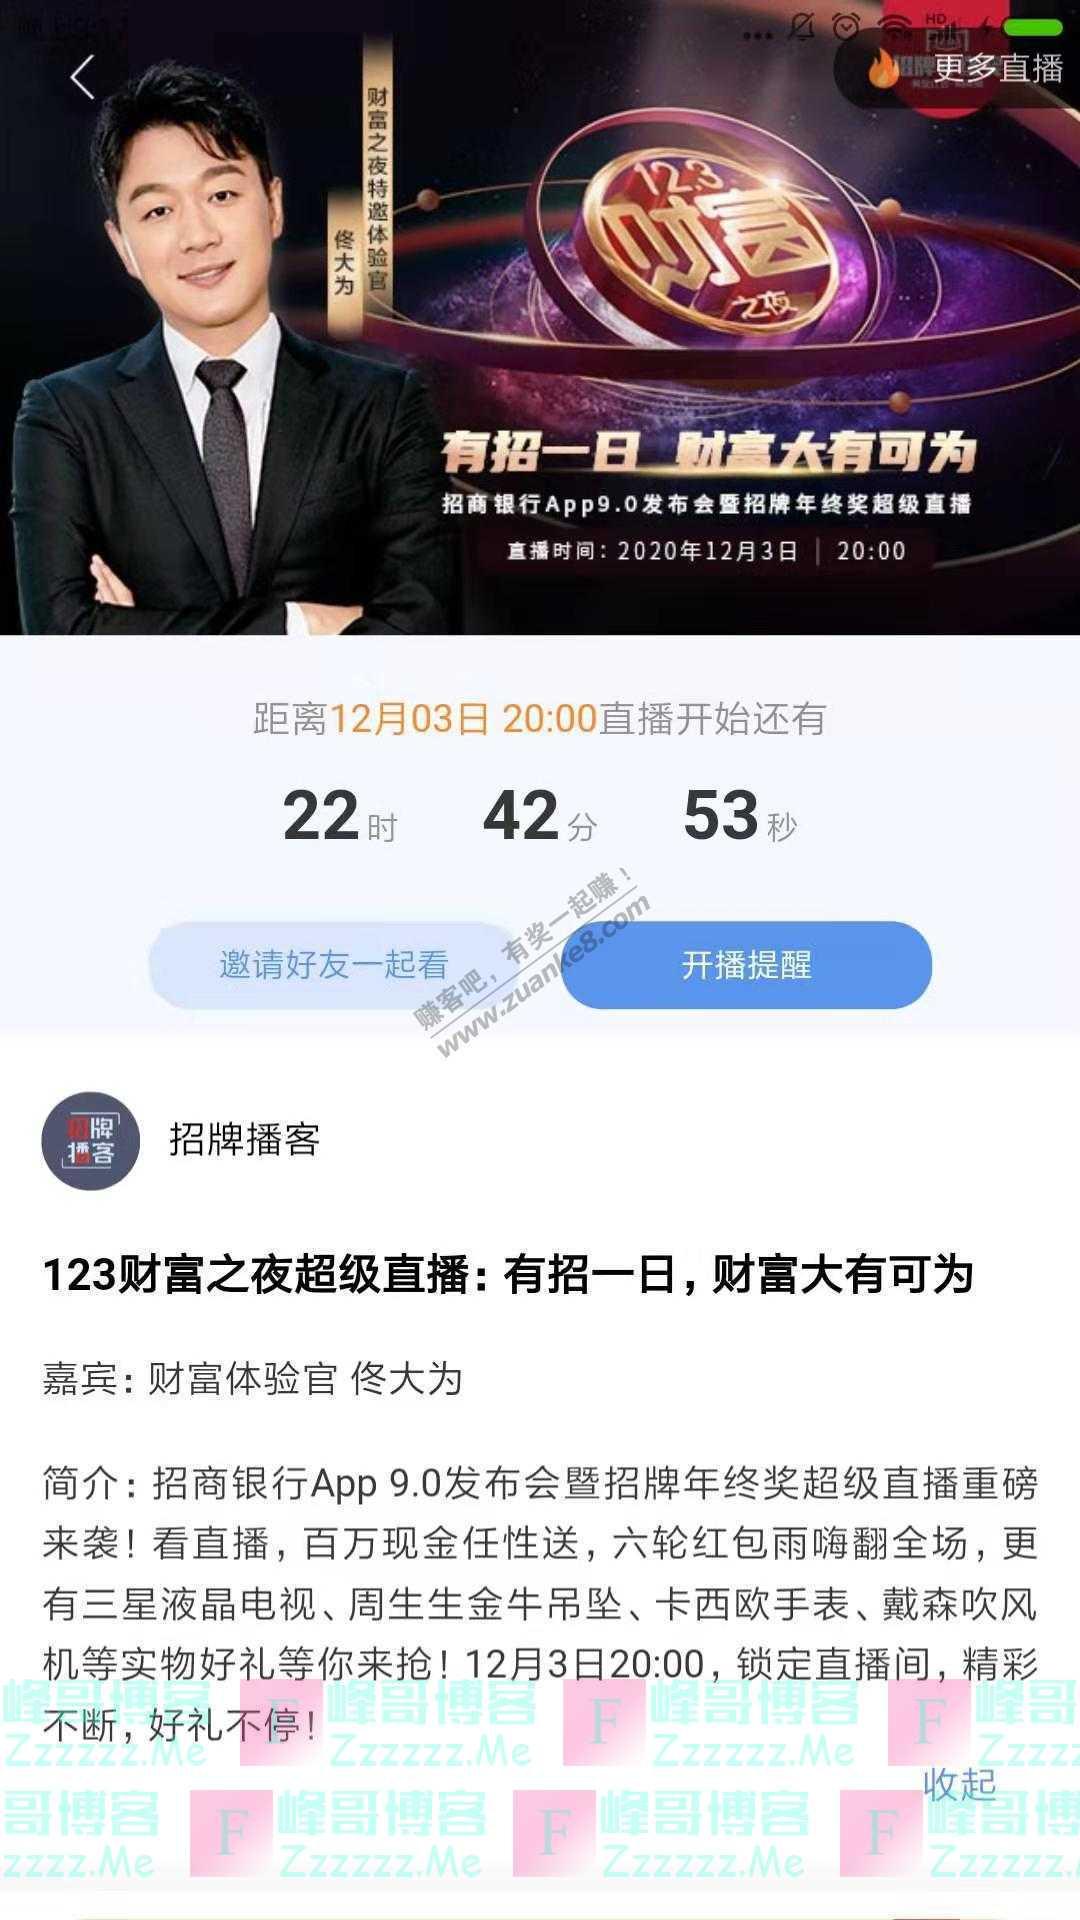 招商银行app123财富之夜超级直播(截止12月3日)